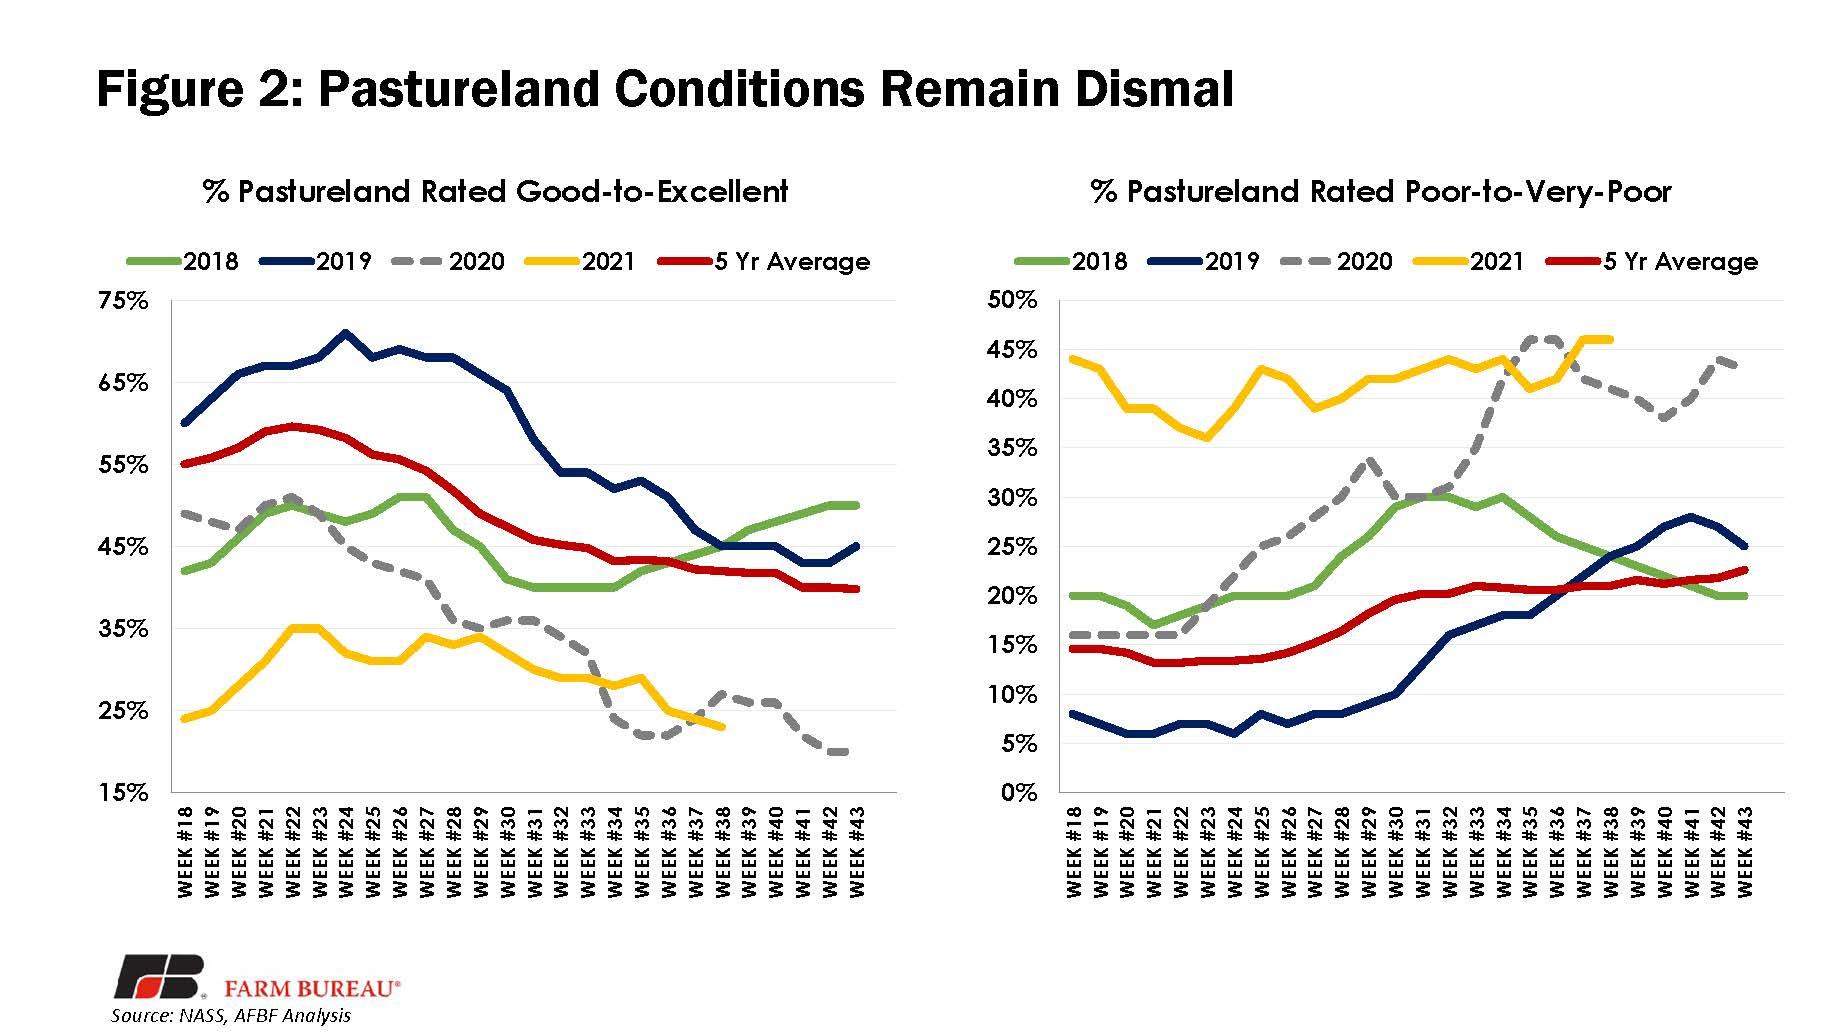 Figure 2 - Pastureland Conditions Remain Dismal